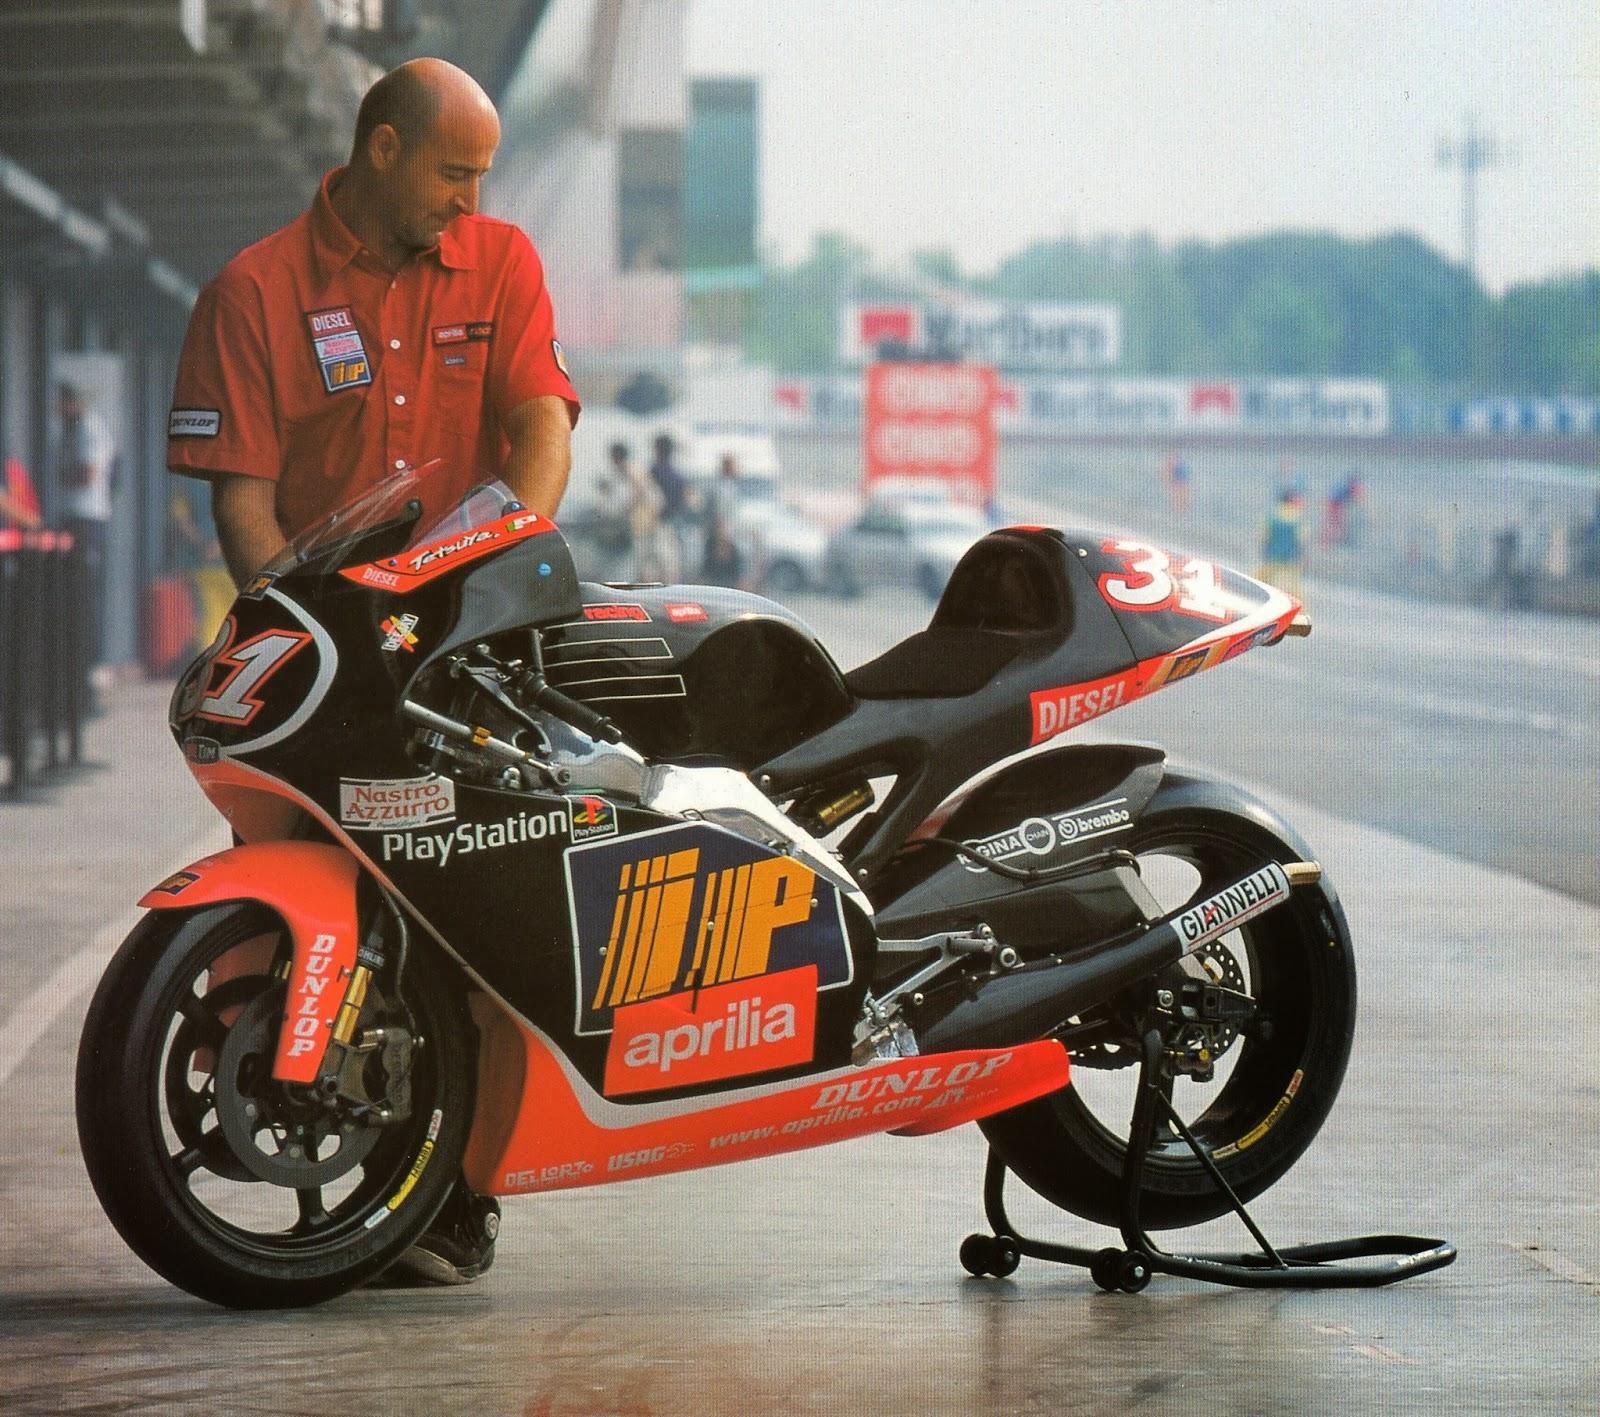 Racing Caf U00e8  Aprilia Rsw 500 Tetsuya Harada 1999